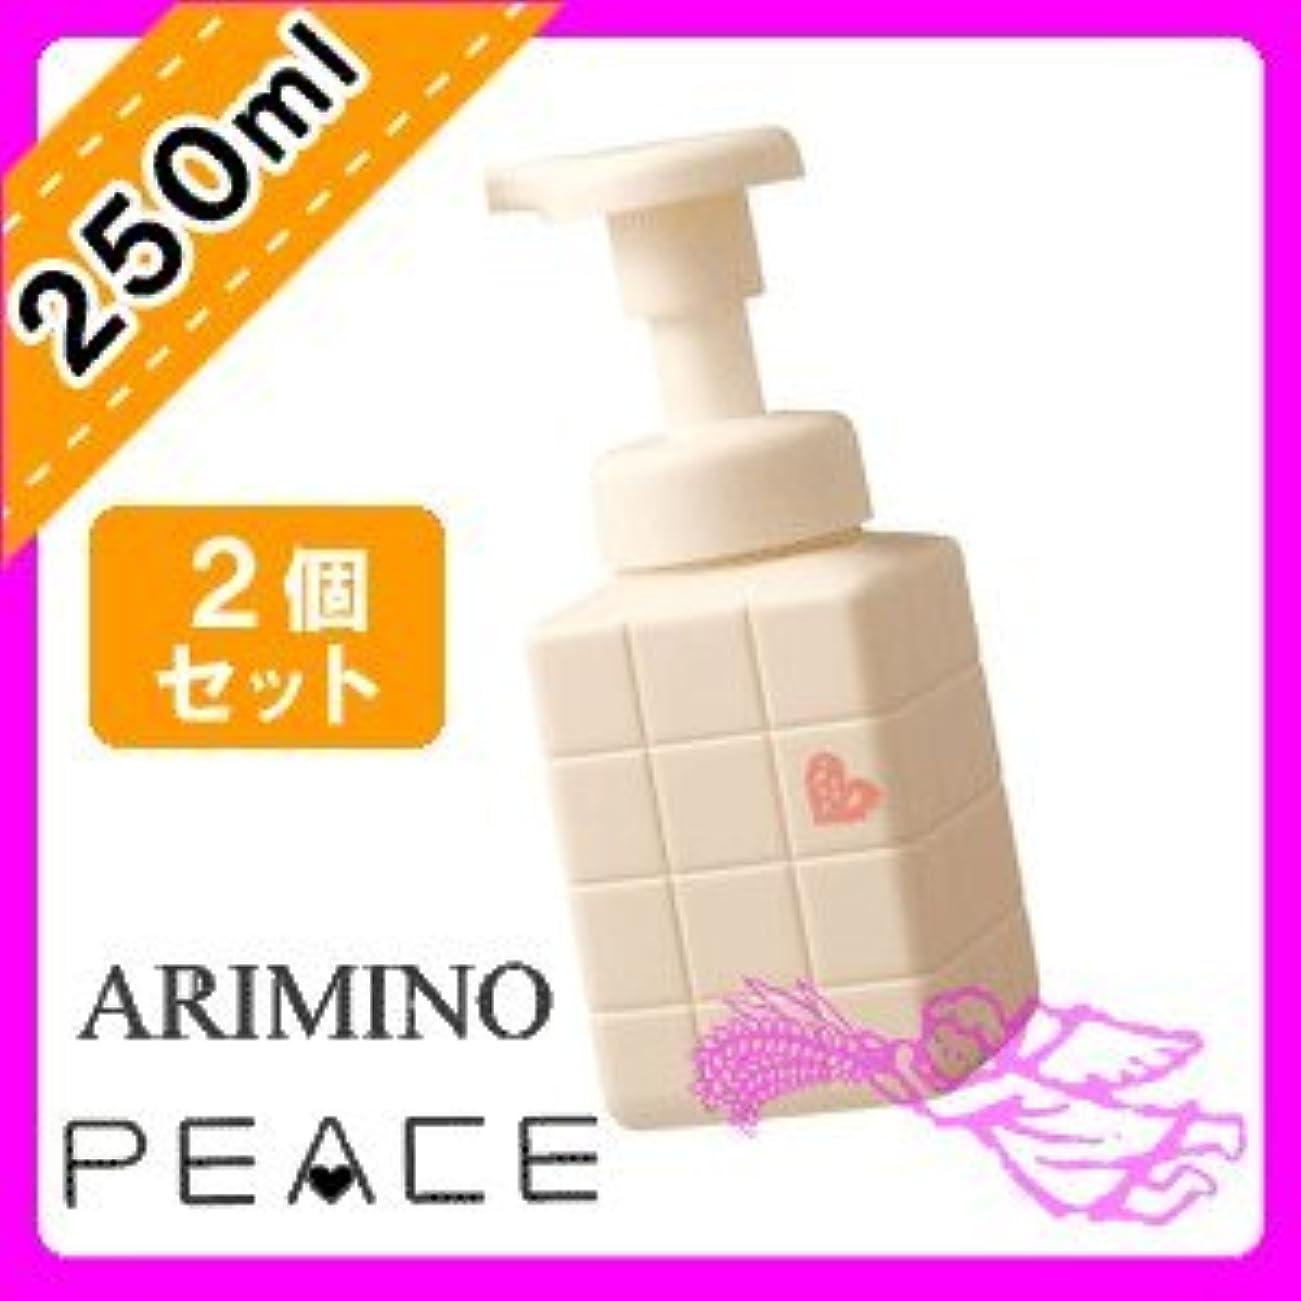 鎖従順な損傷アリミノ ピース ホイップワックス PEACE ナチュラルウェーブ ホイップ250mL ×2個 セット arimino PEACE